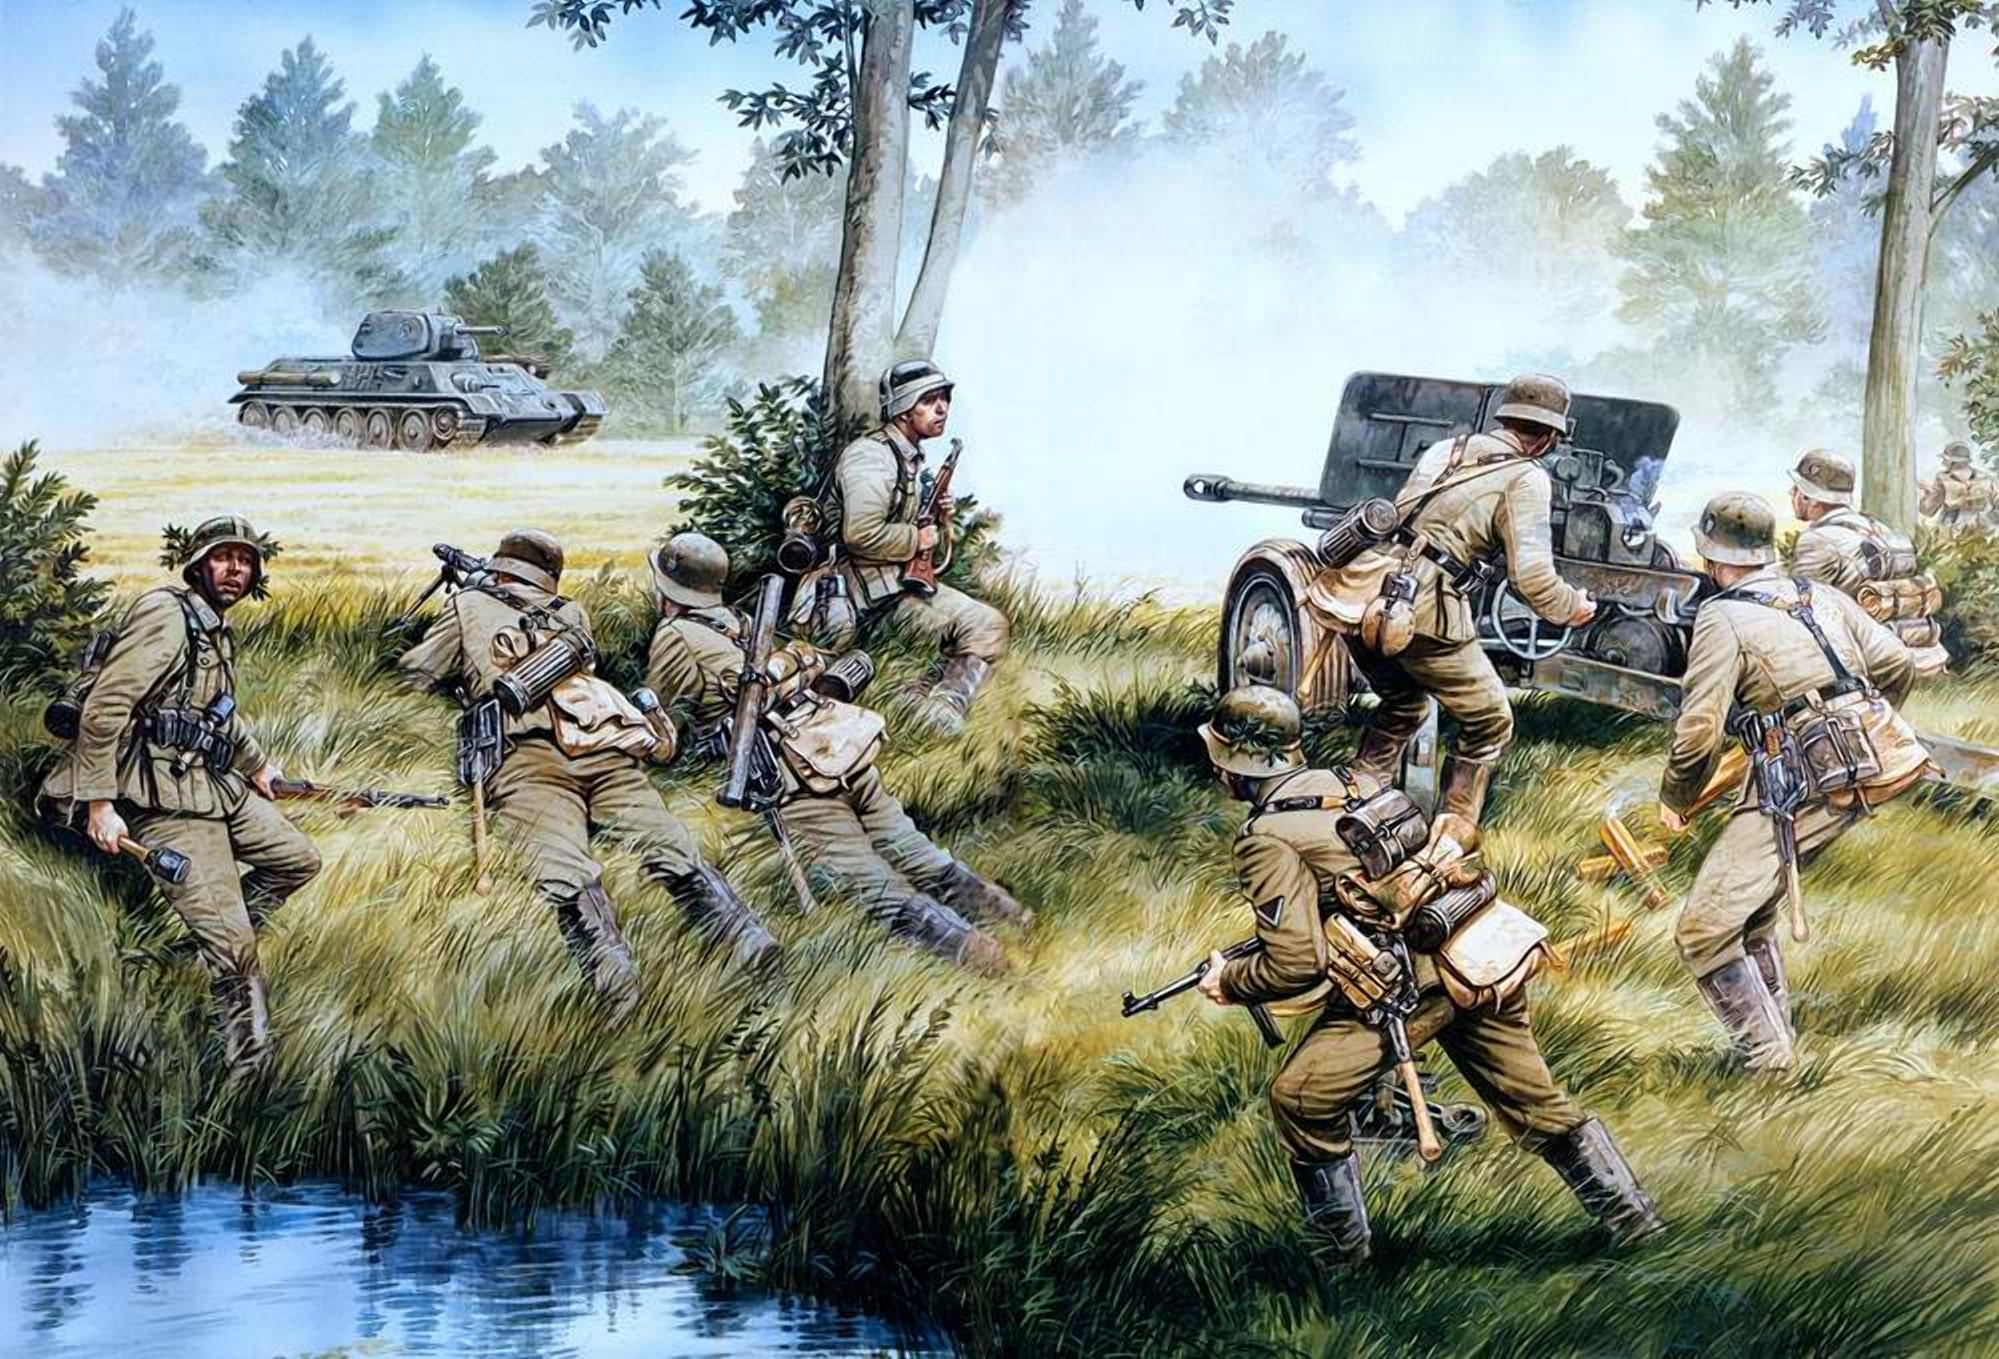 Немцы не ожидали встретить танки 22 дивизии у самой границы